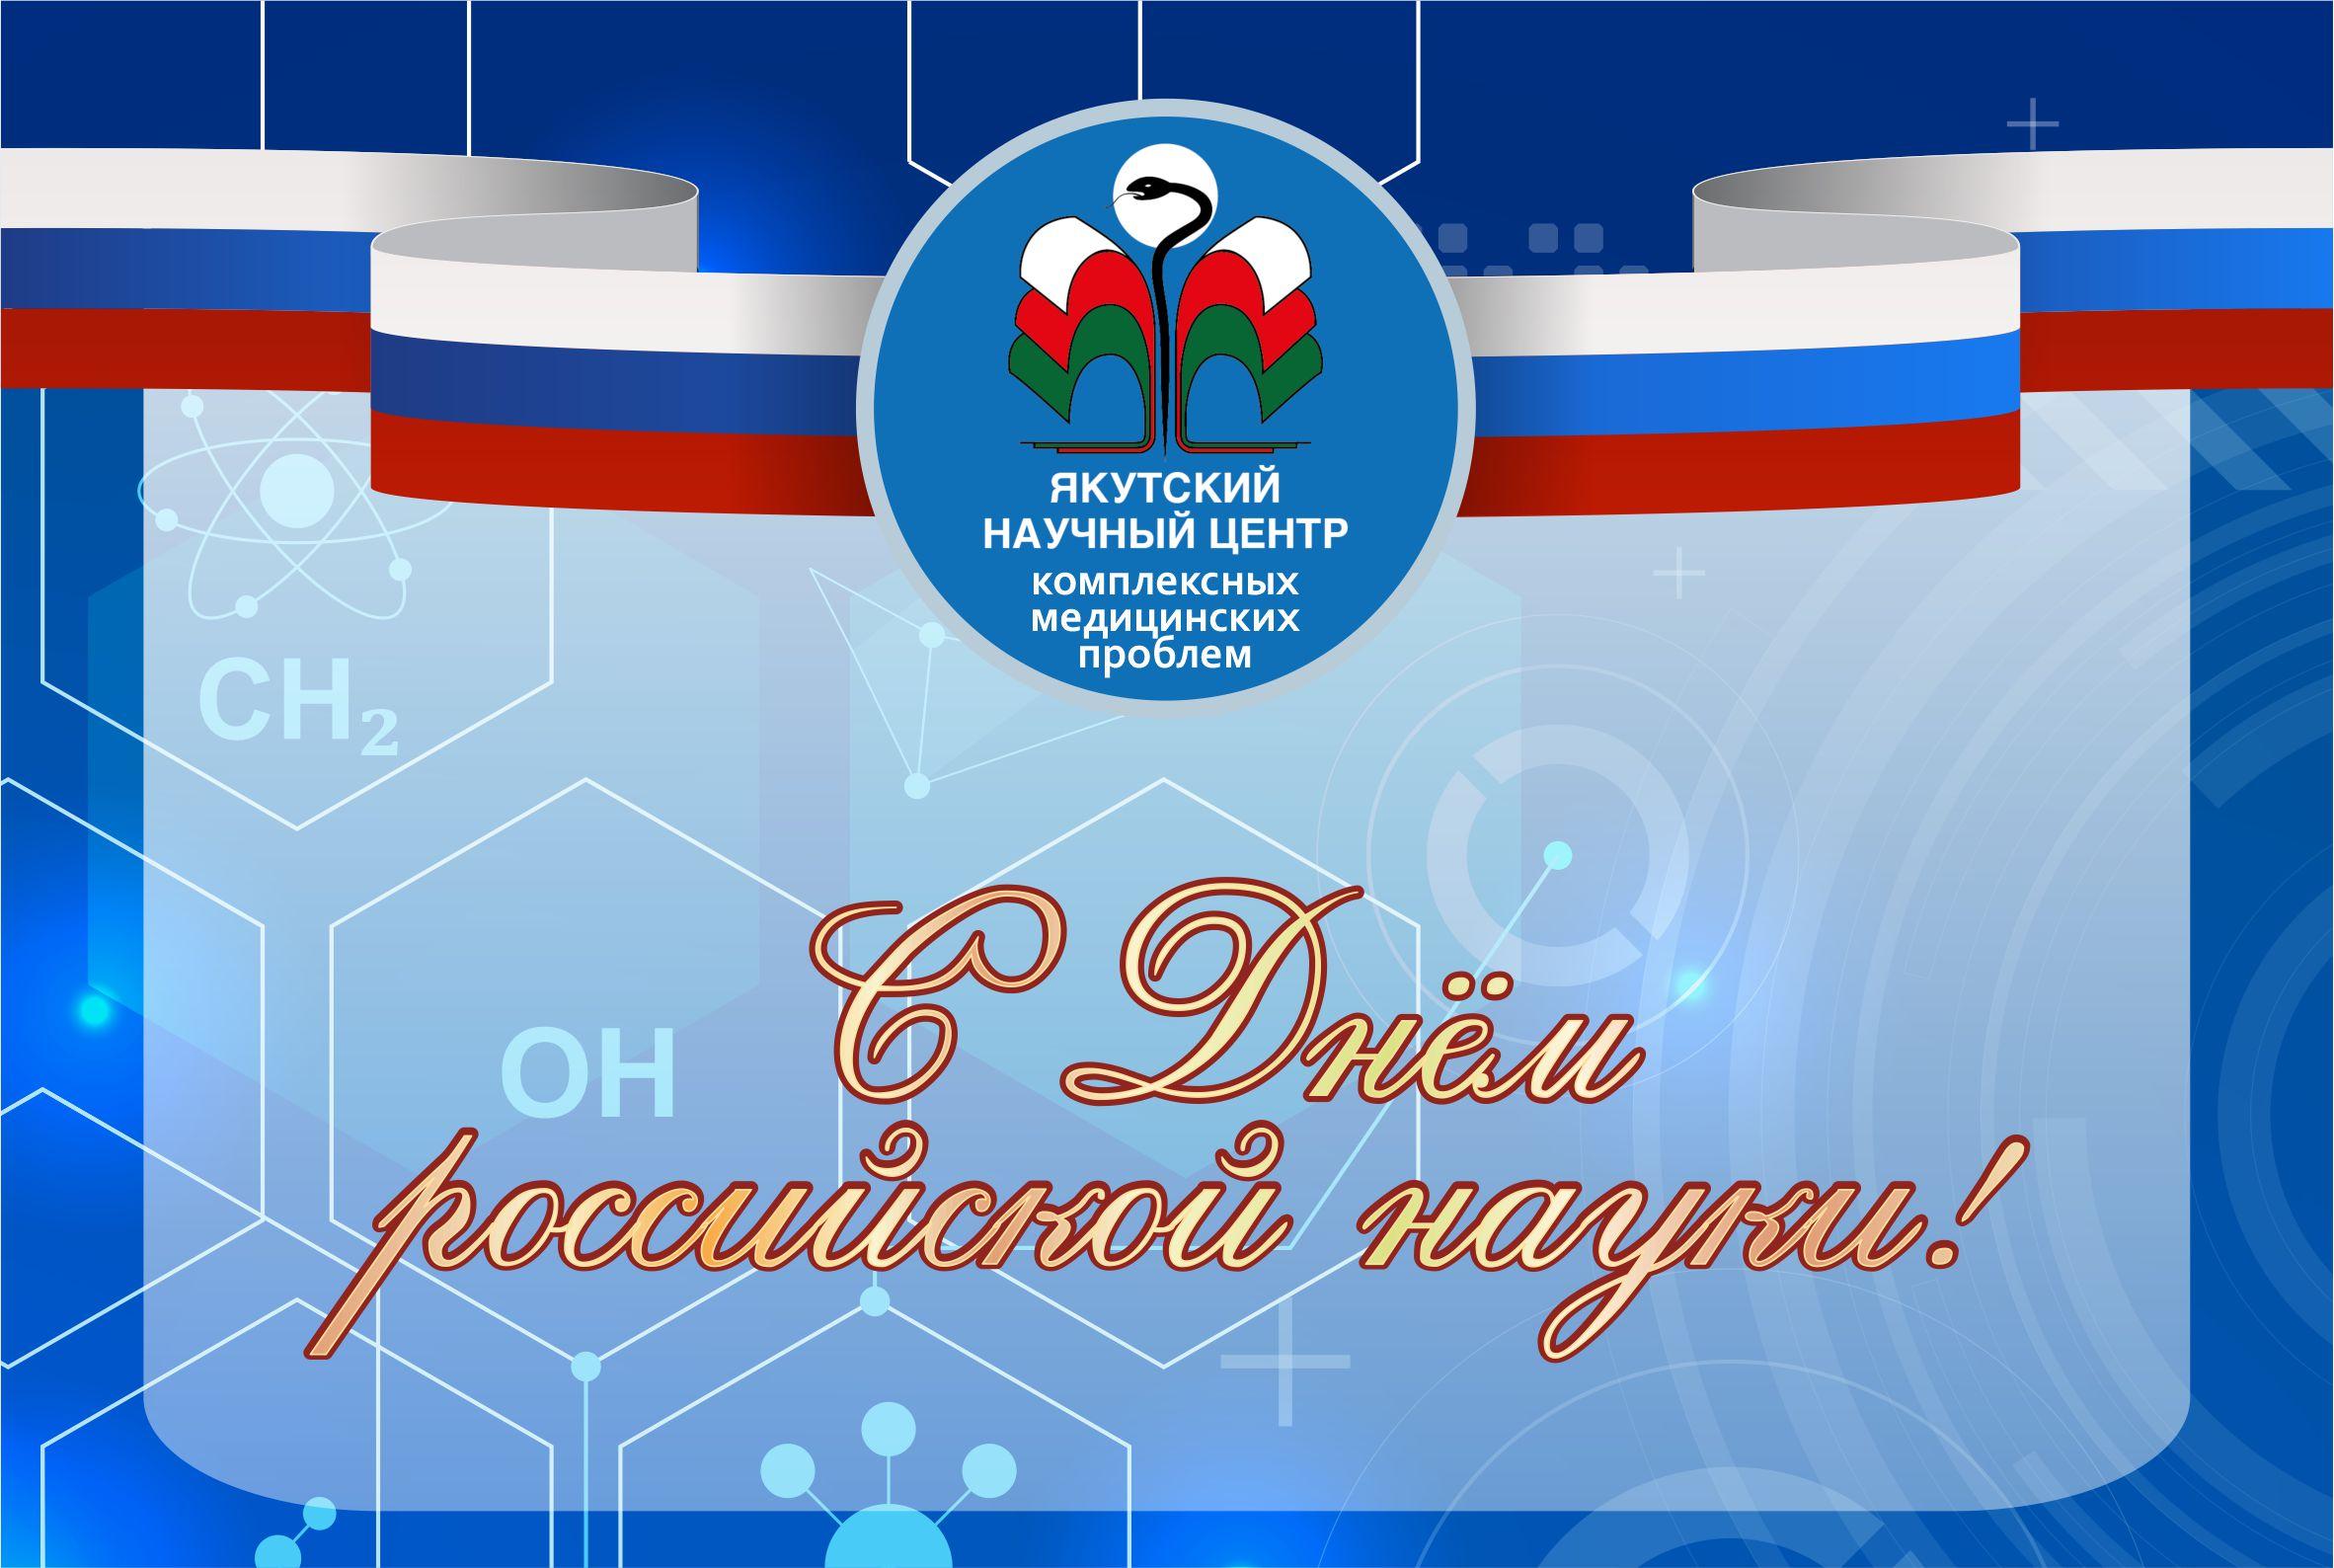 Поздравление от Анны Николаевны Романовой с Днём российской науки